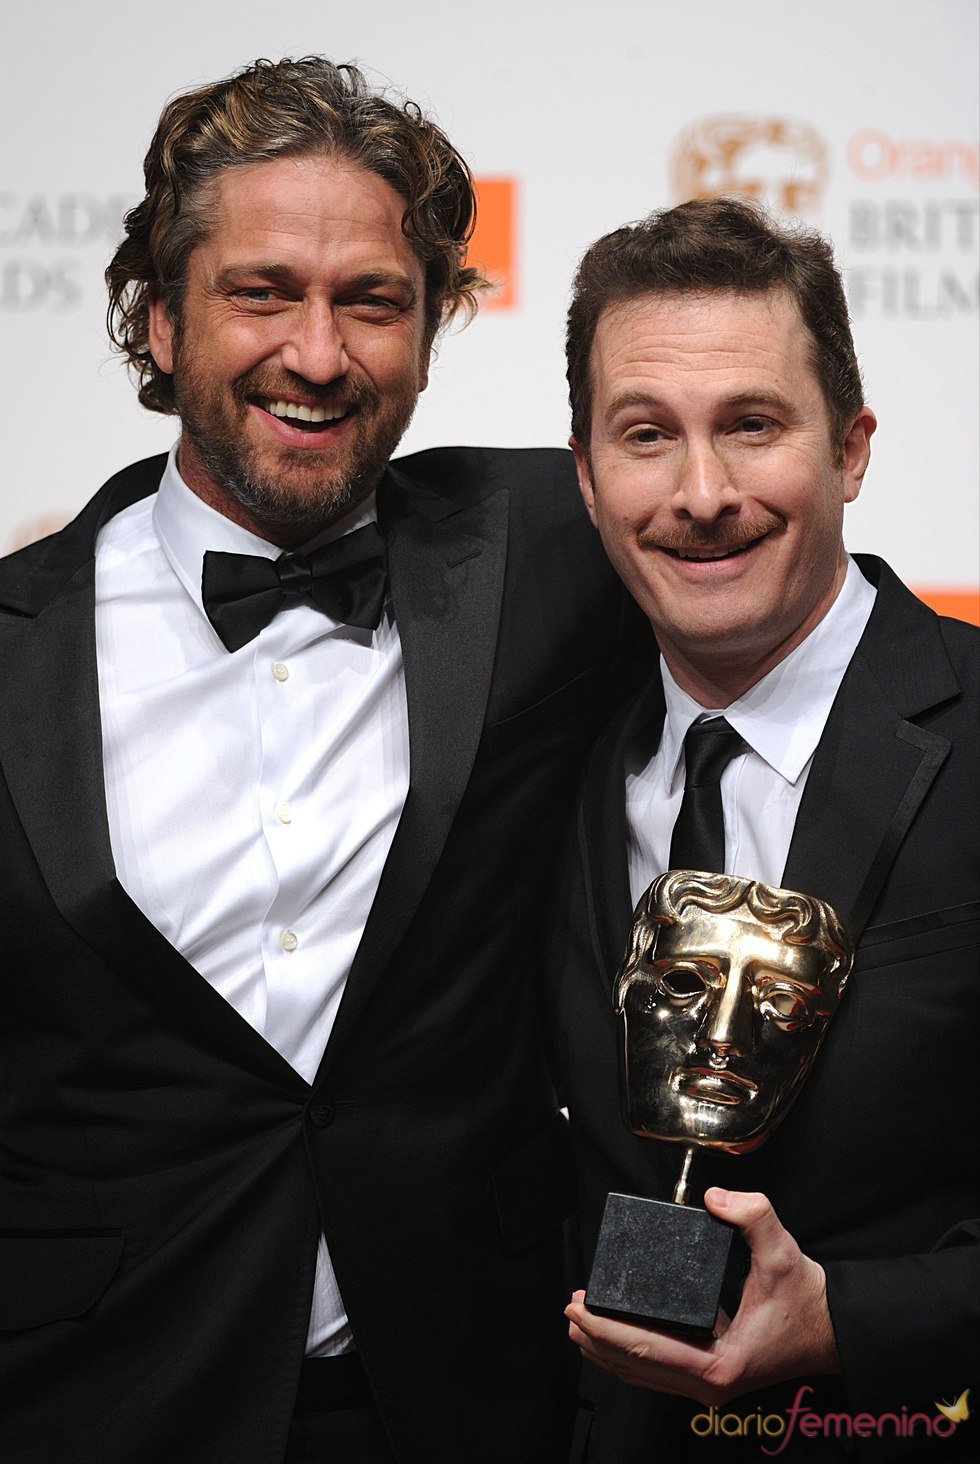 Gerard Butler y Darren Aronofsky en los Bafta 2011 con el premio de Natalie Portman